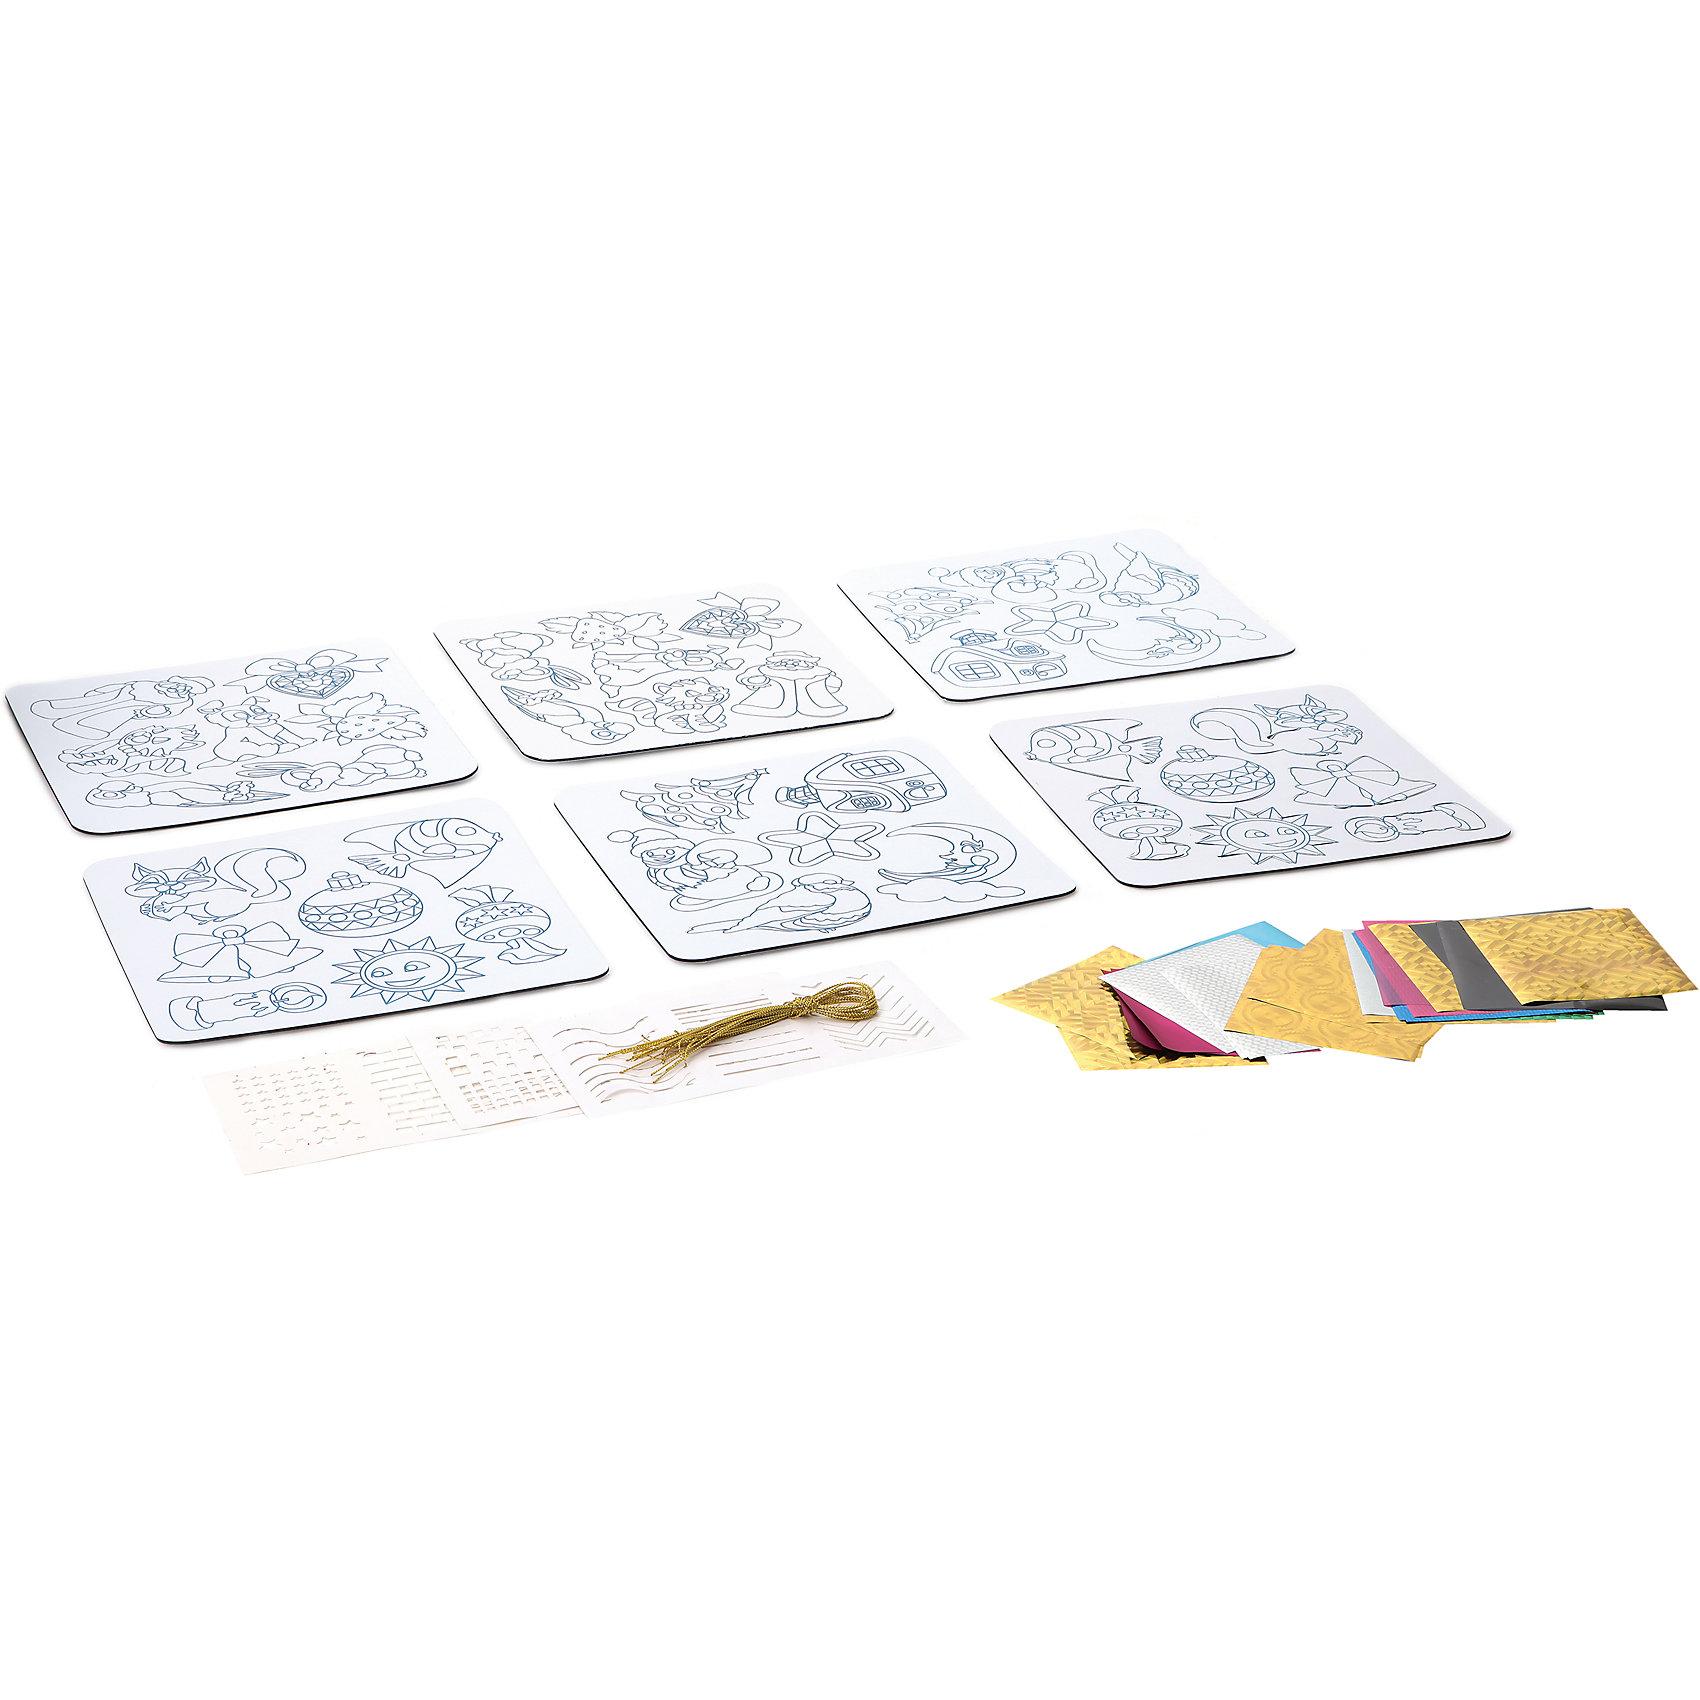 Bondibon Набор для творчества Ёлочные украшения с 3D-эффектом, Bondibon набор bondibon ёлочные украшения в технике декупаж bb1744